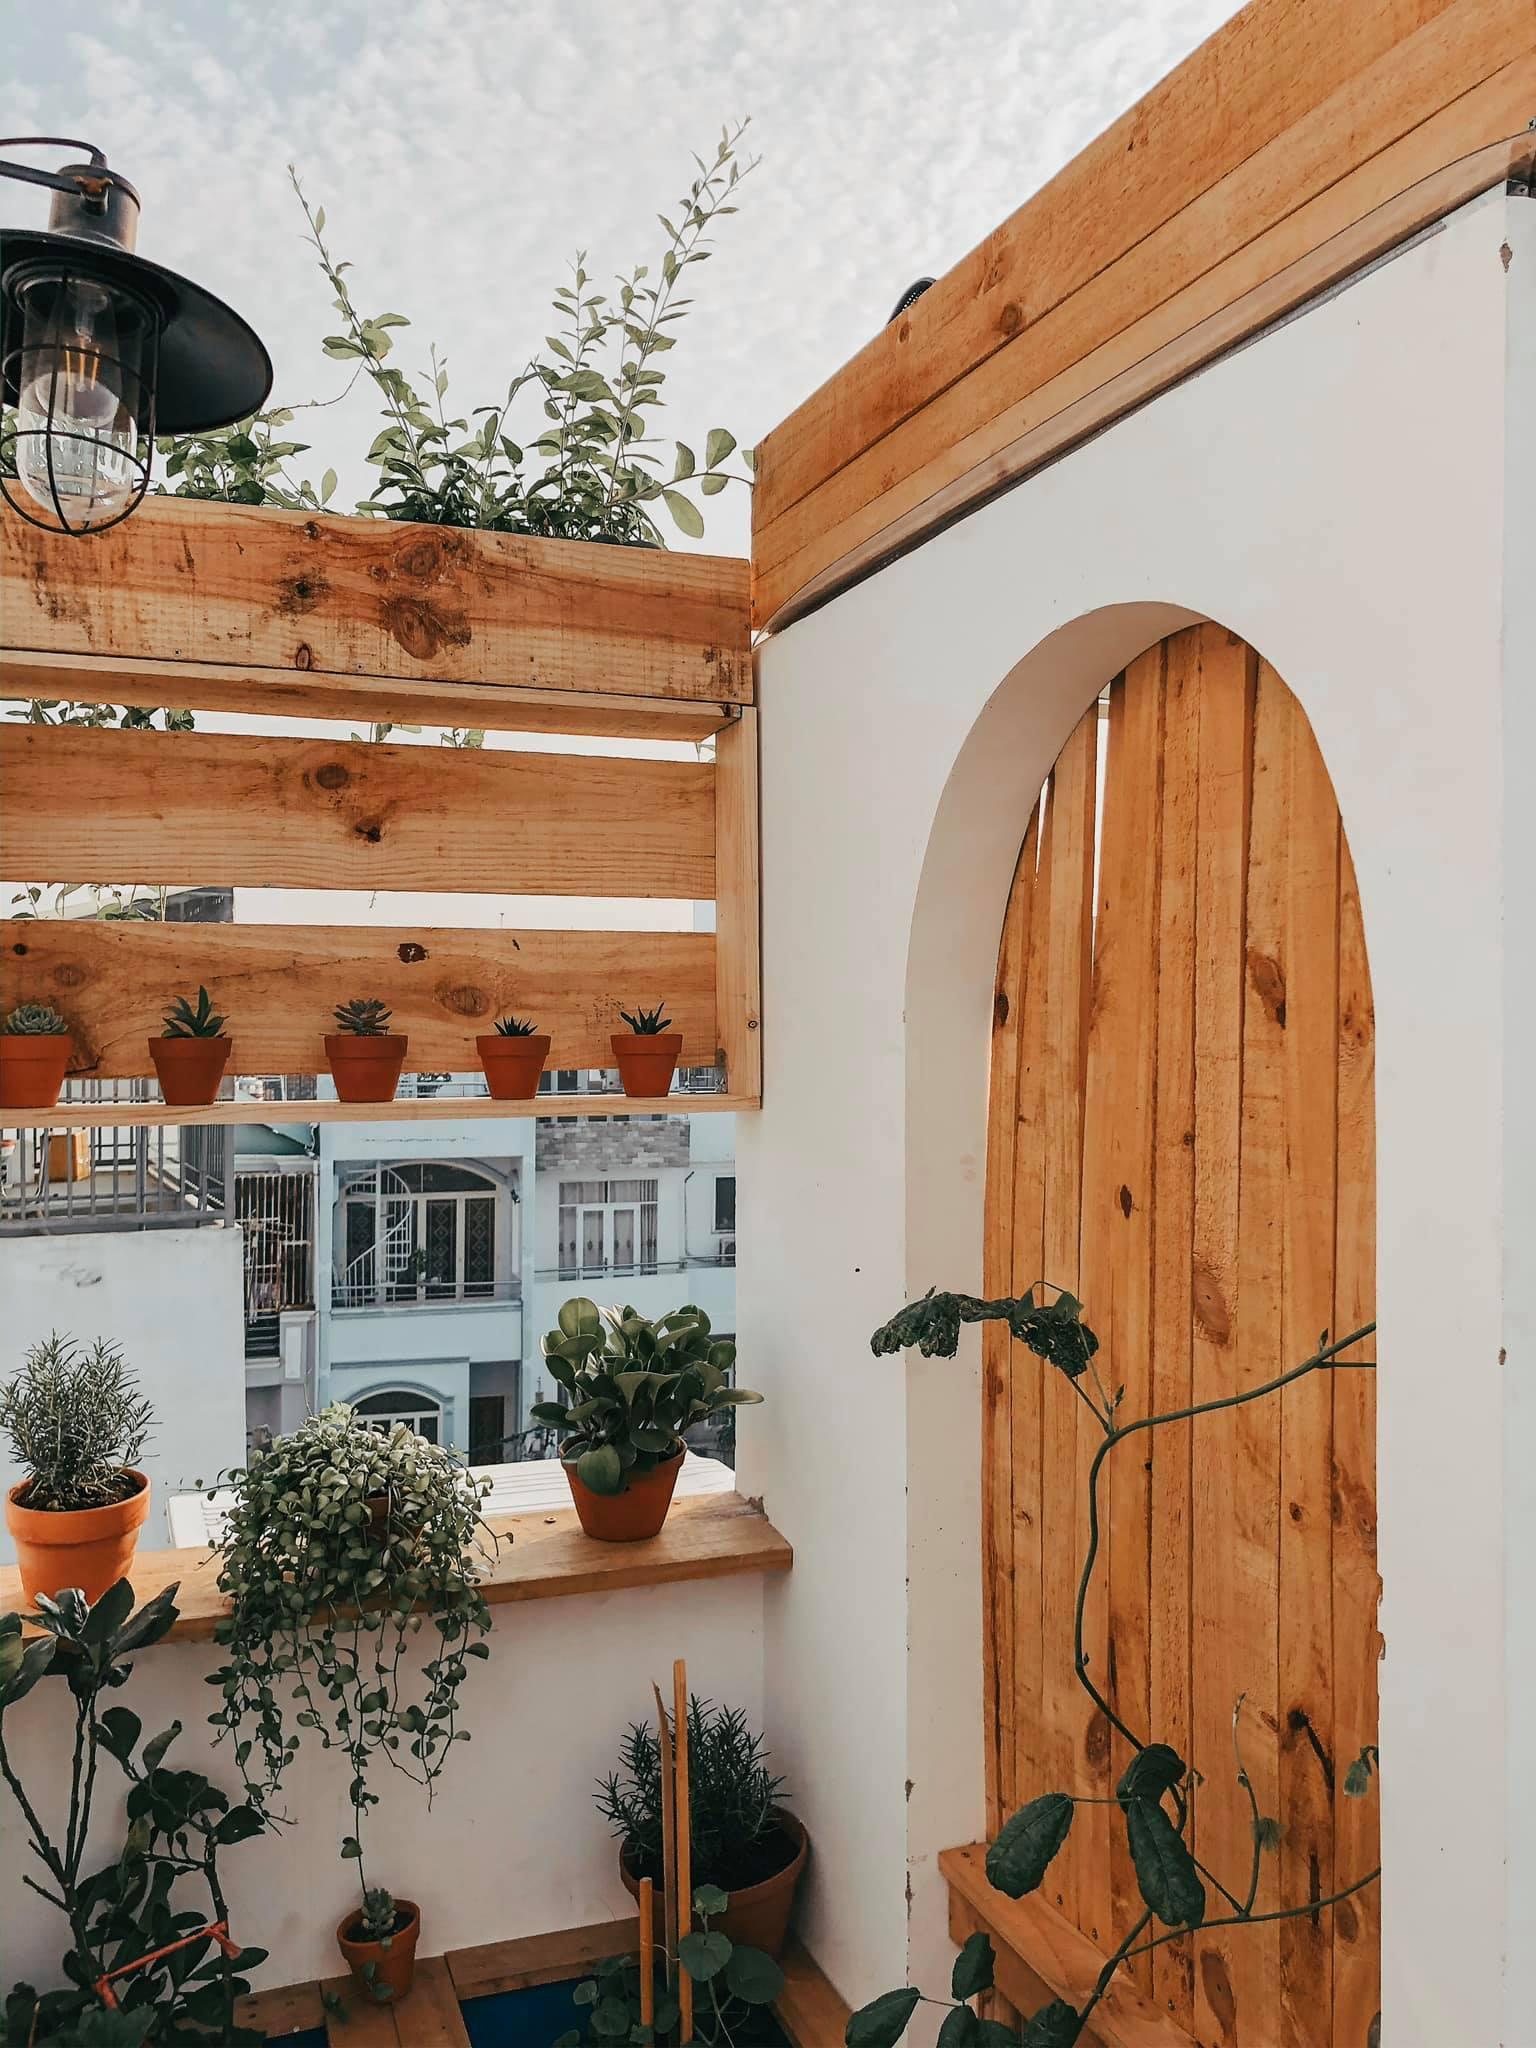 Cánh cửa dẫn lên khu vườn trên sân thượng